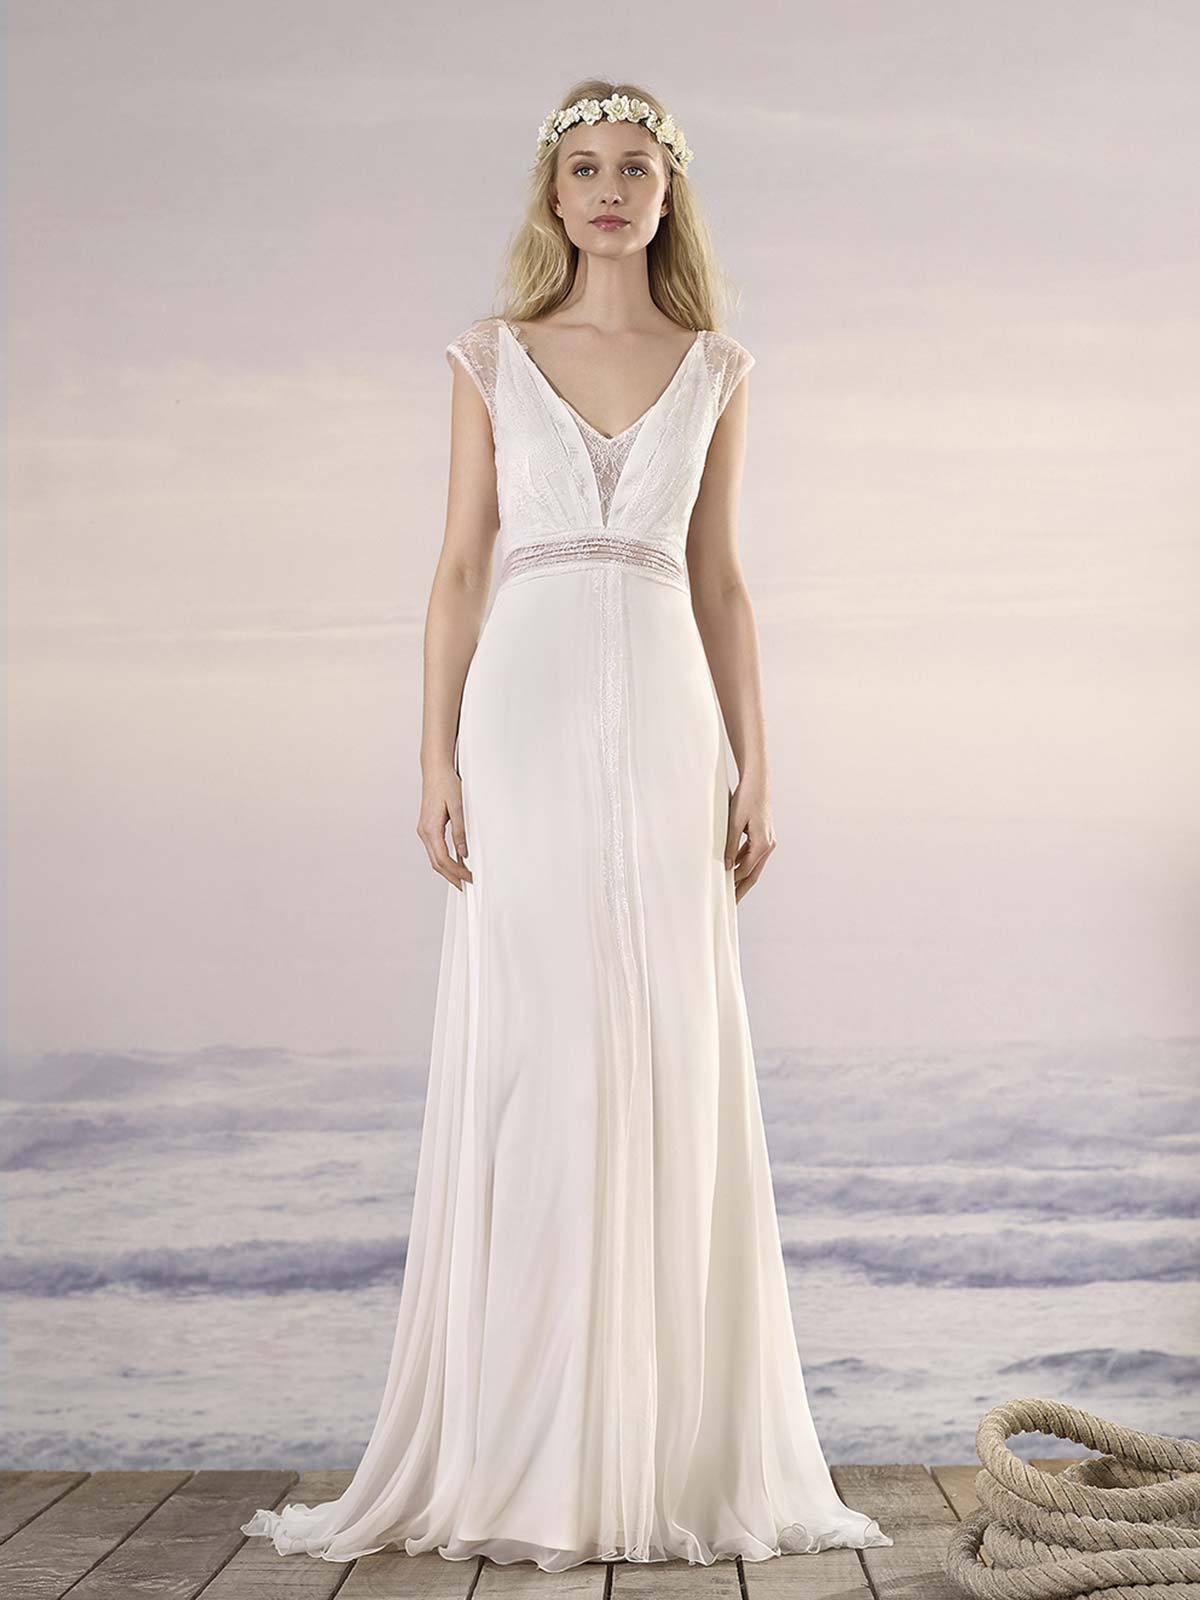 Brautkleid Eve von Rembo Styling auf Jade